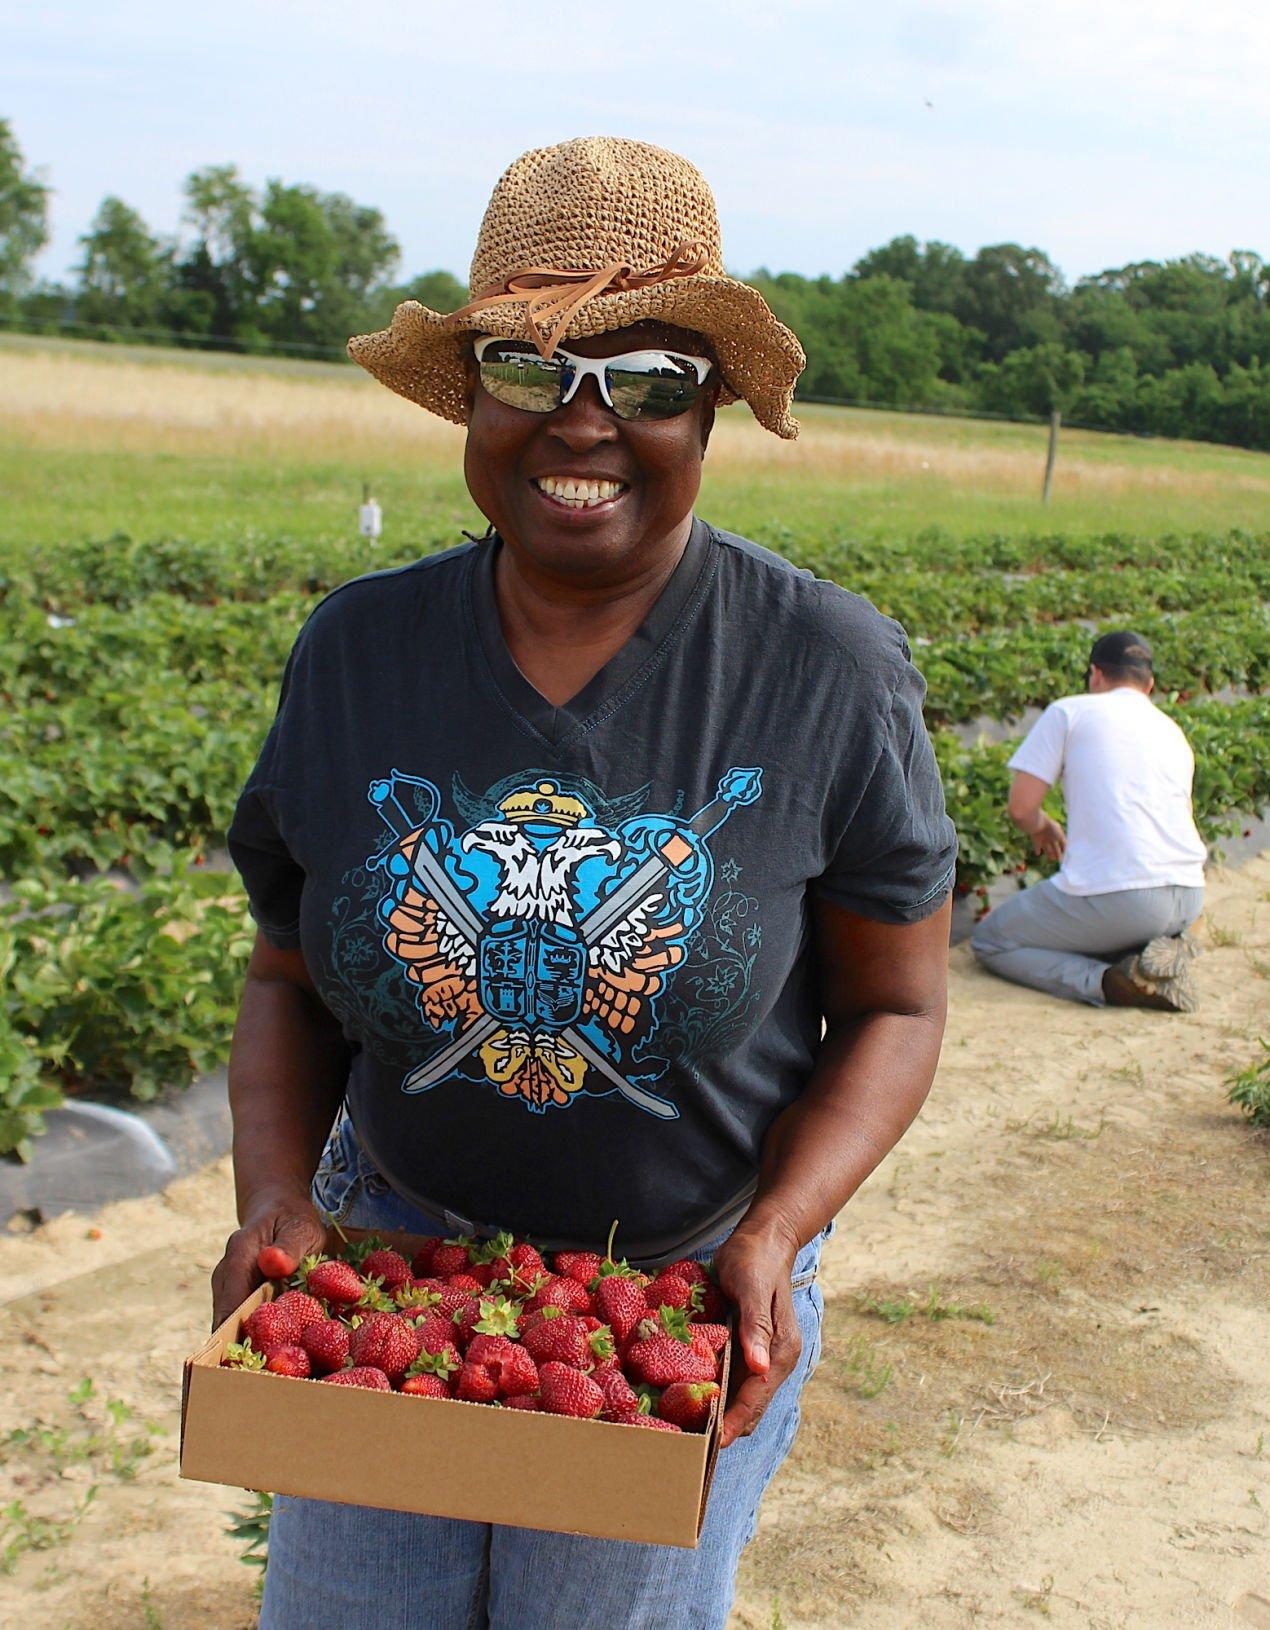 Strawberries gleaned '21